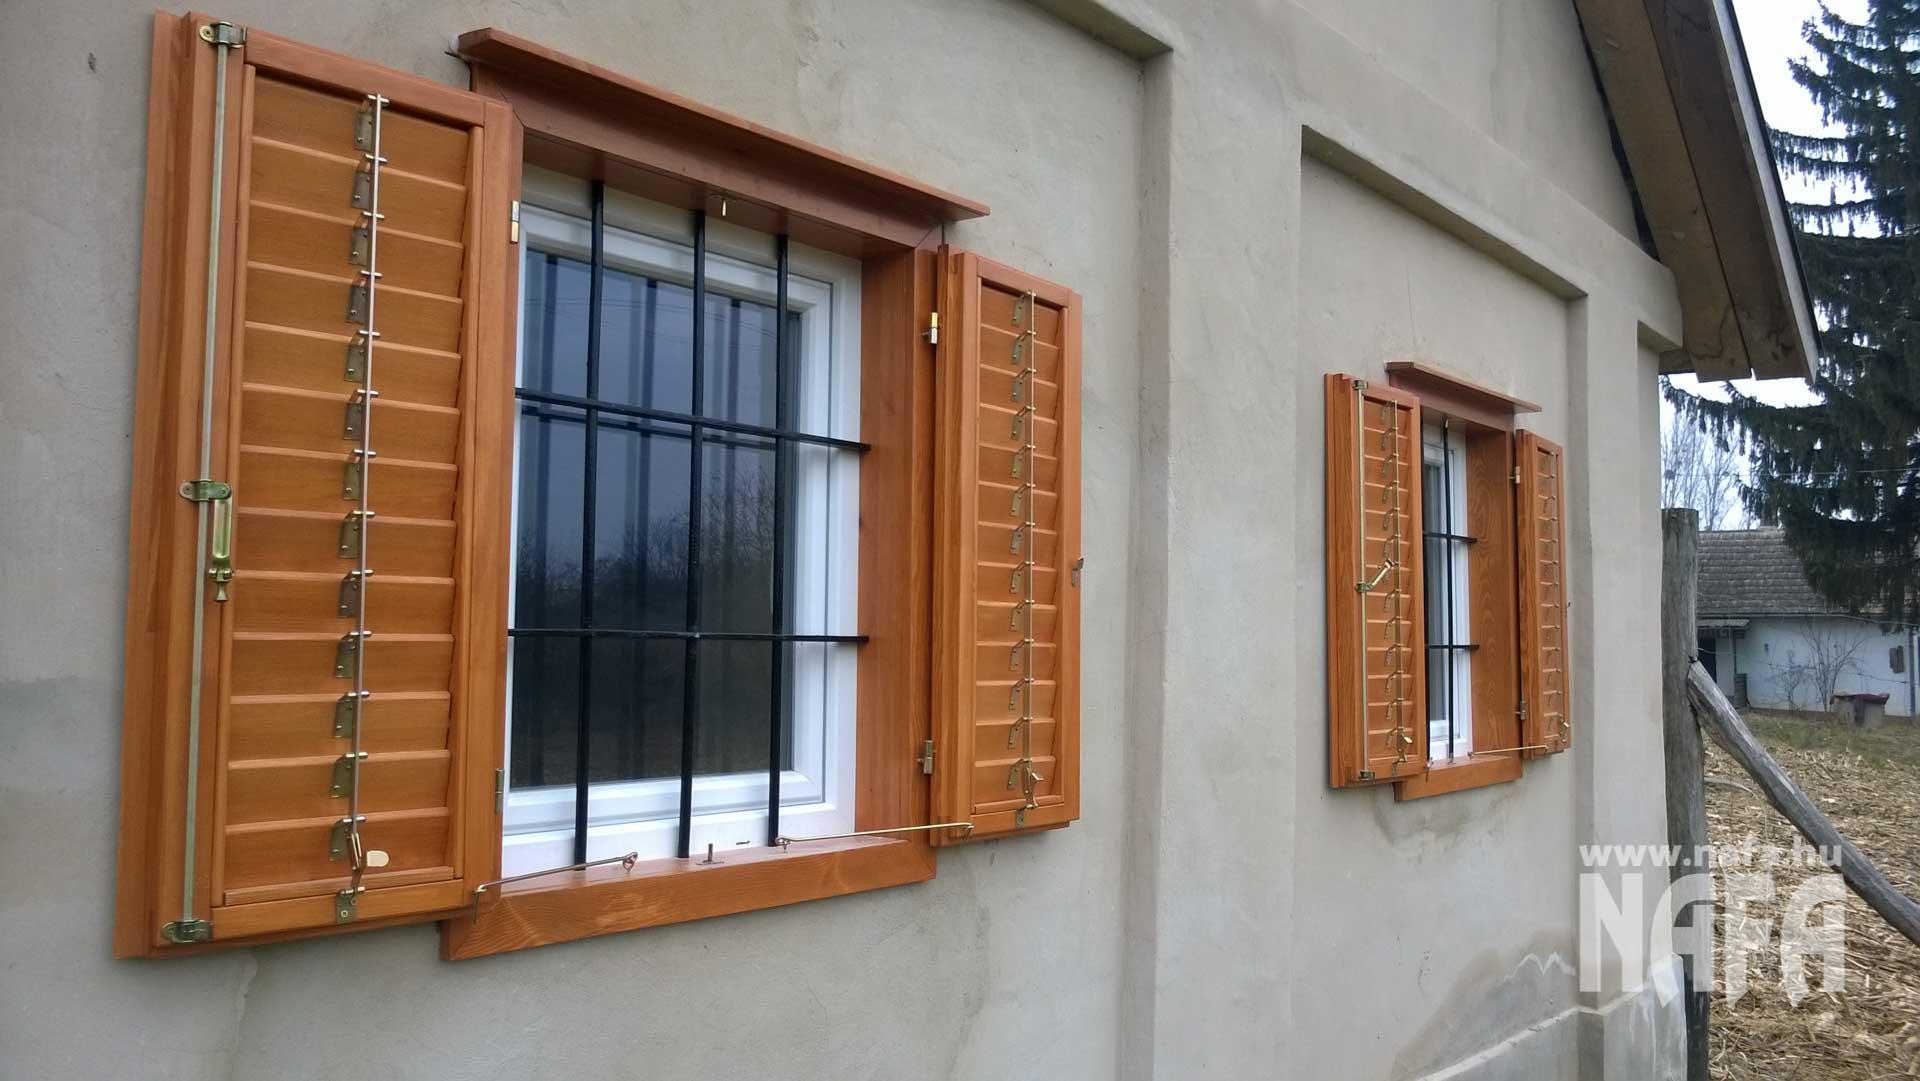 Biztonsági zsalugáter, műanyag ablak, vasrács, borospince, böhönye